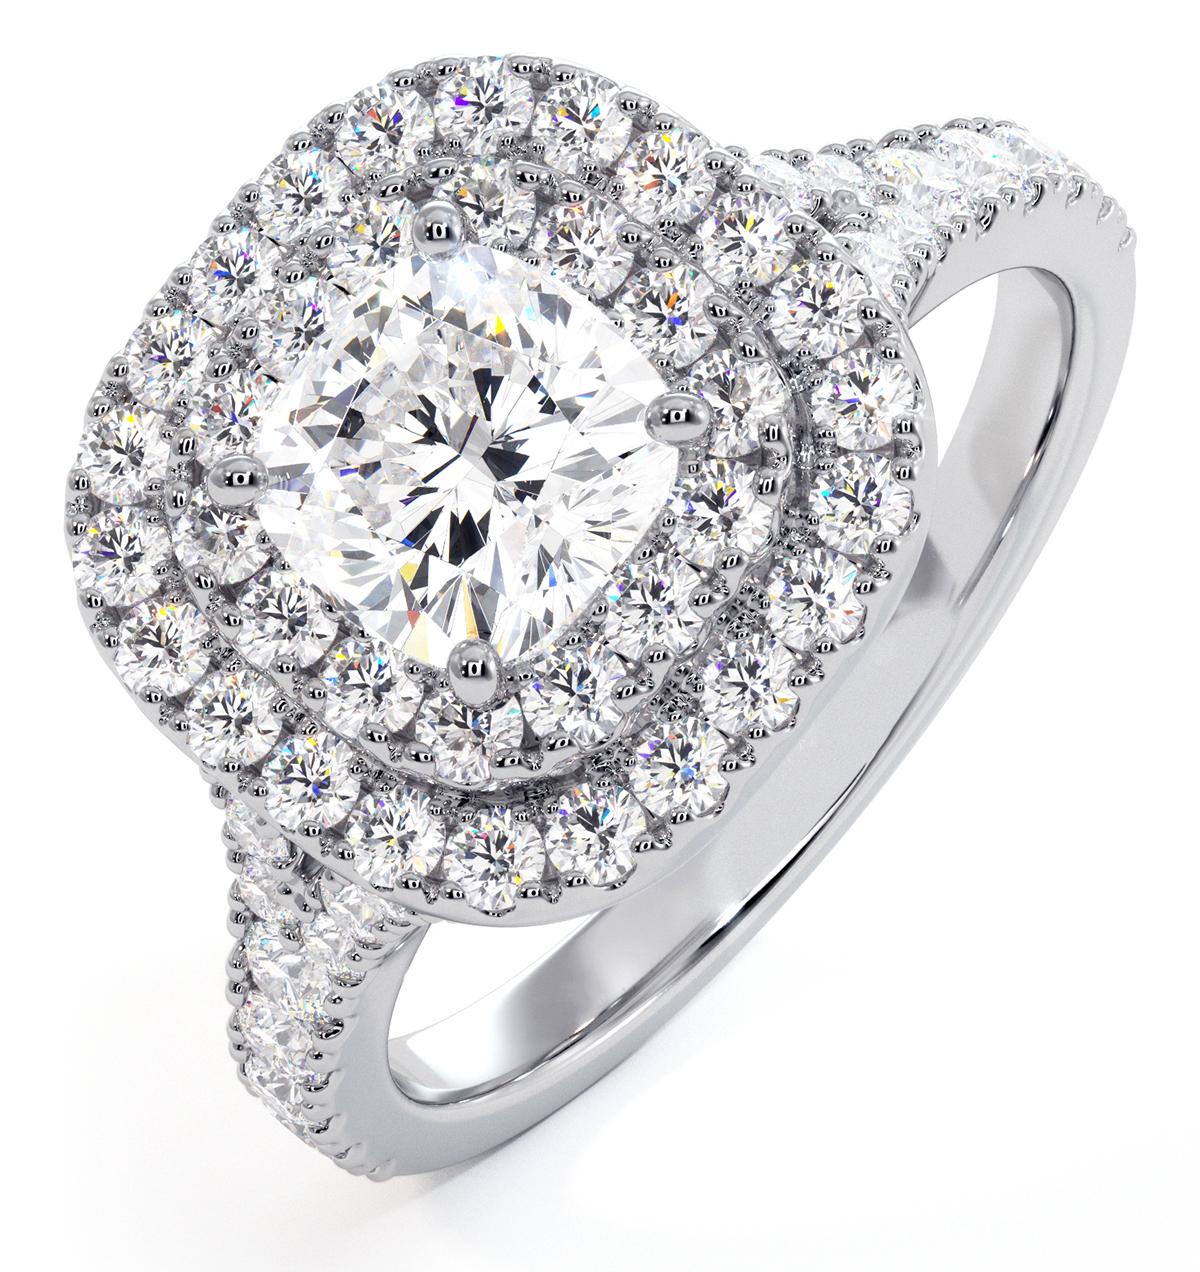 Anastasia GIA Diamond Halo Engagement Ring 18K White Gold 1.45ct G/SI1 - image 1